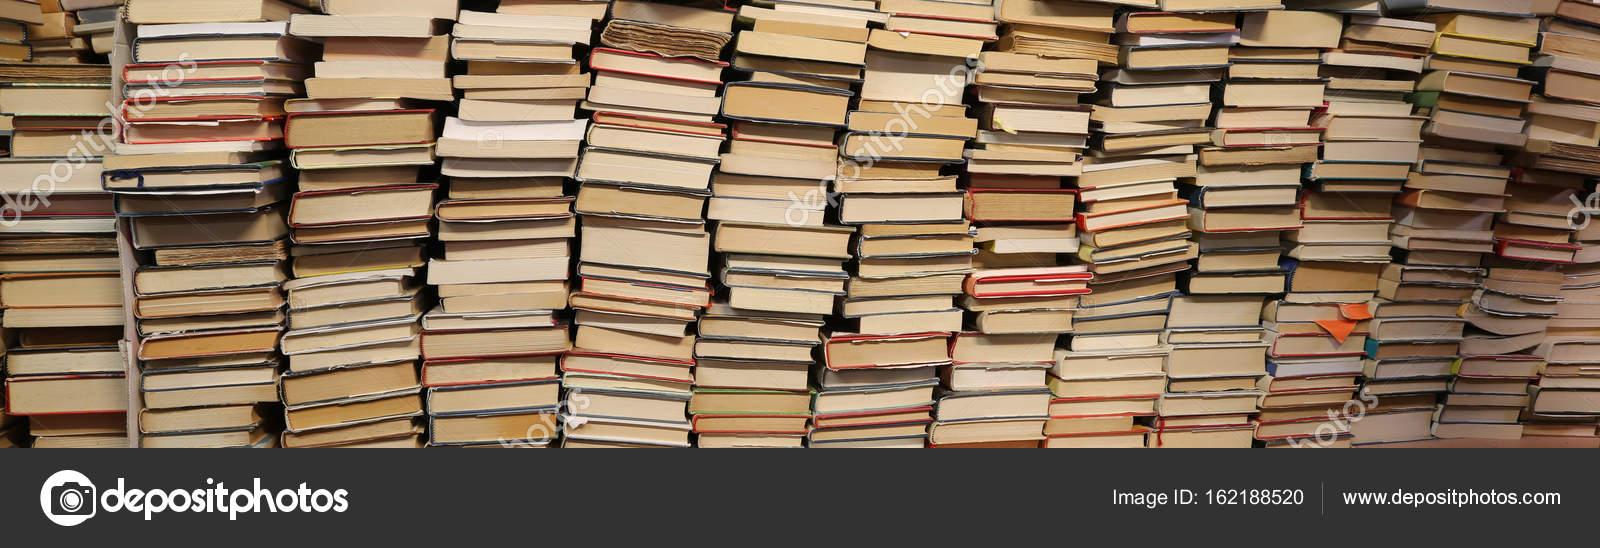 boeken te koop in de gebruikte boekenkast stockfoto